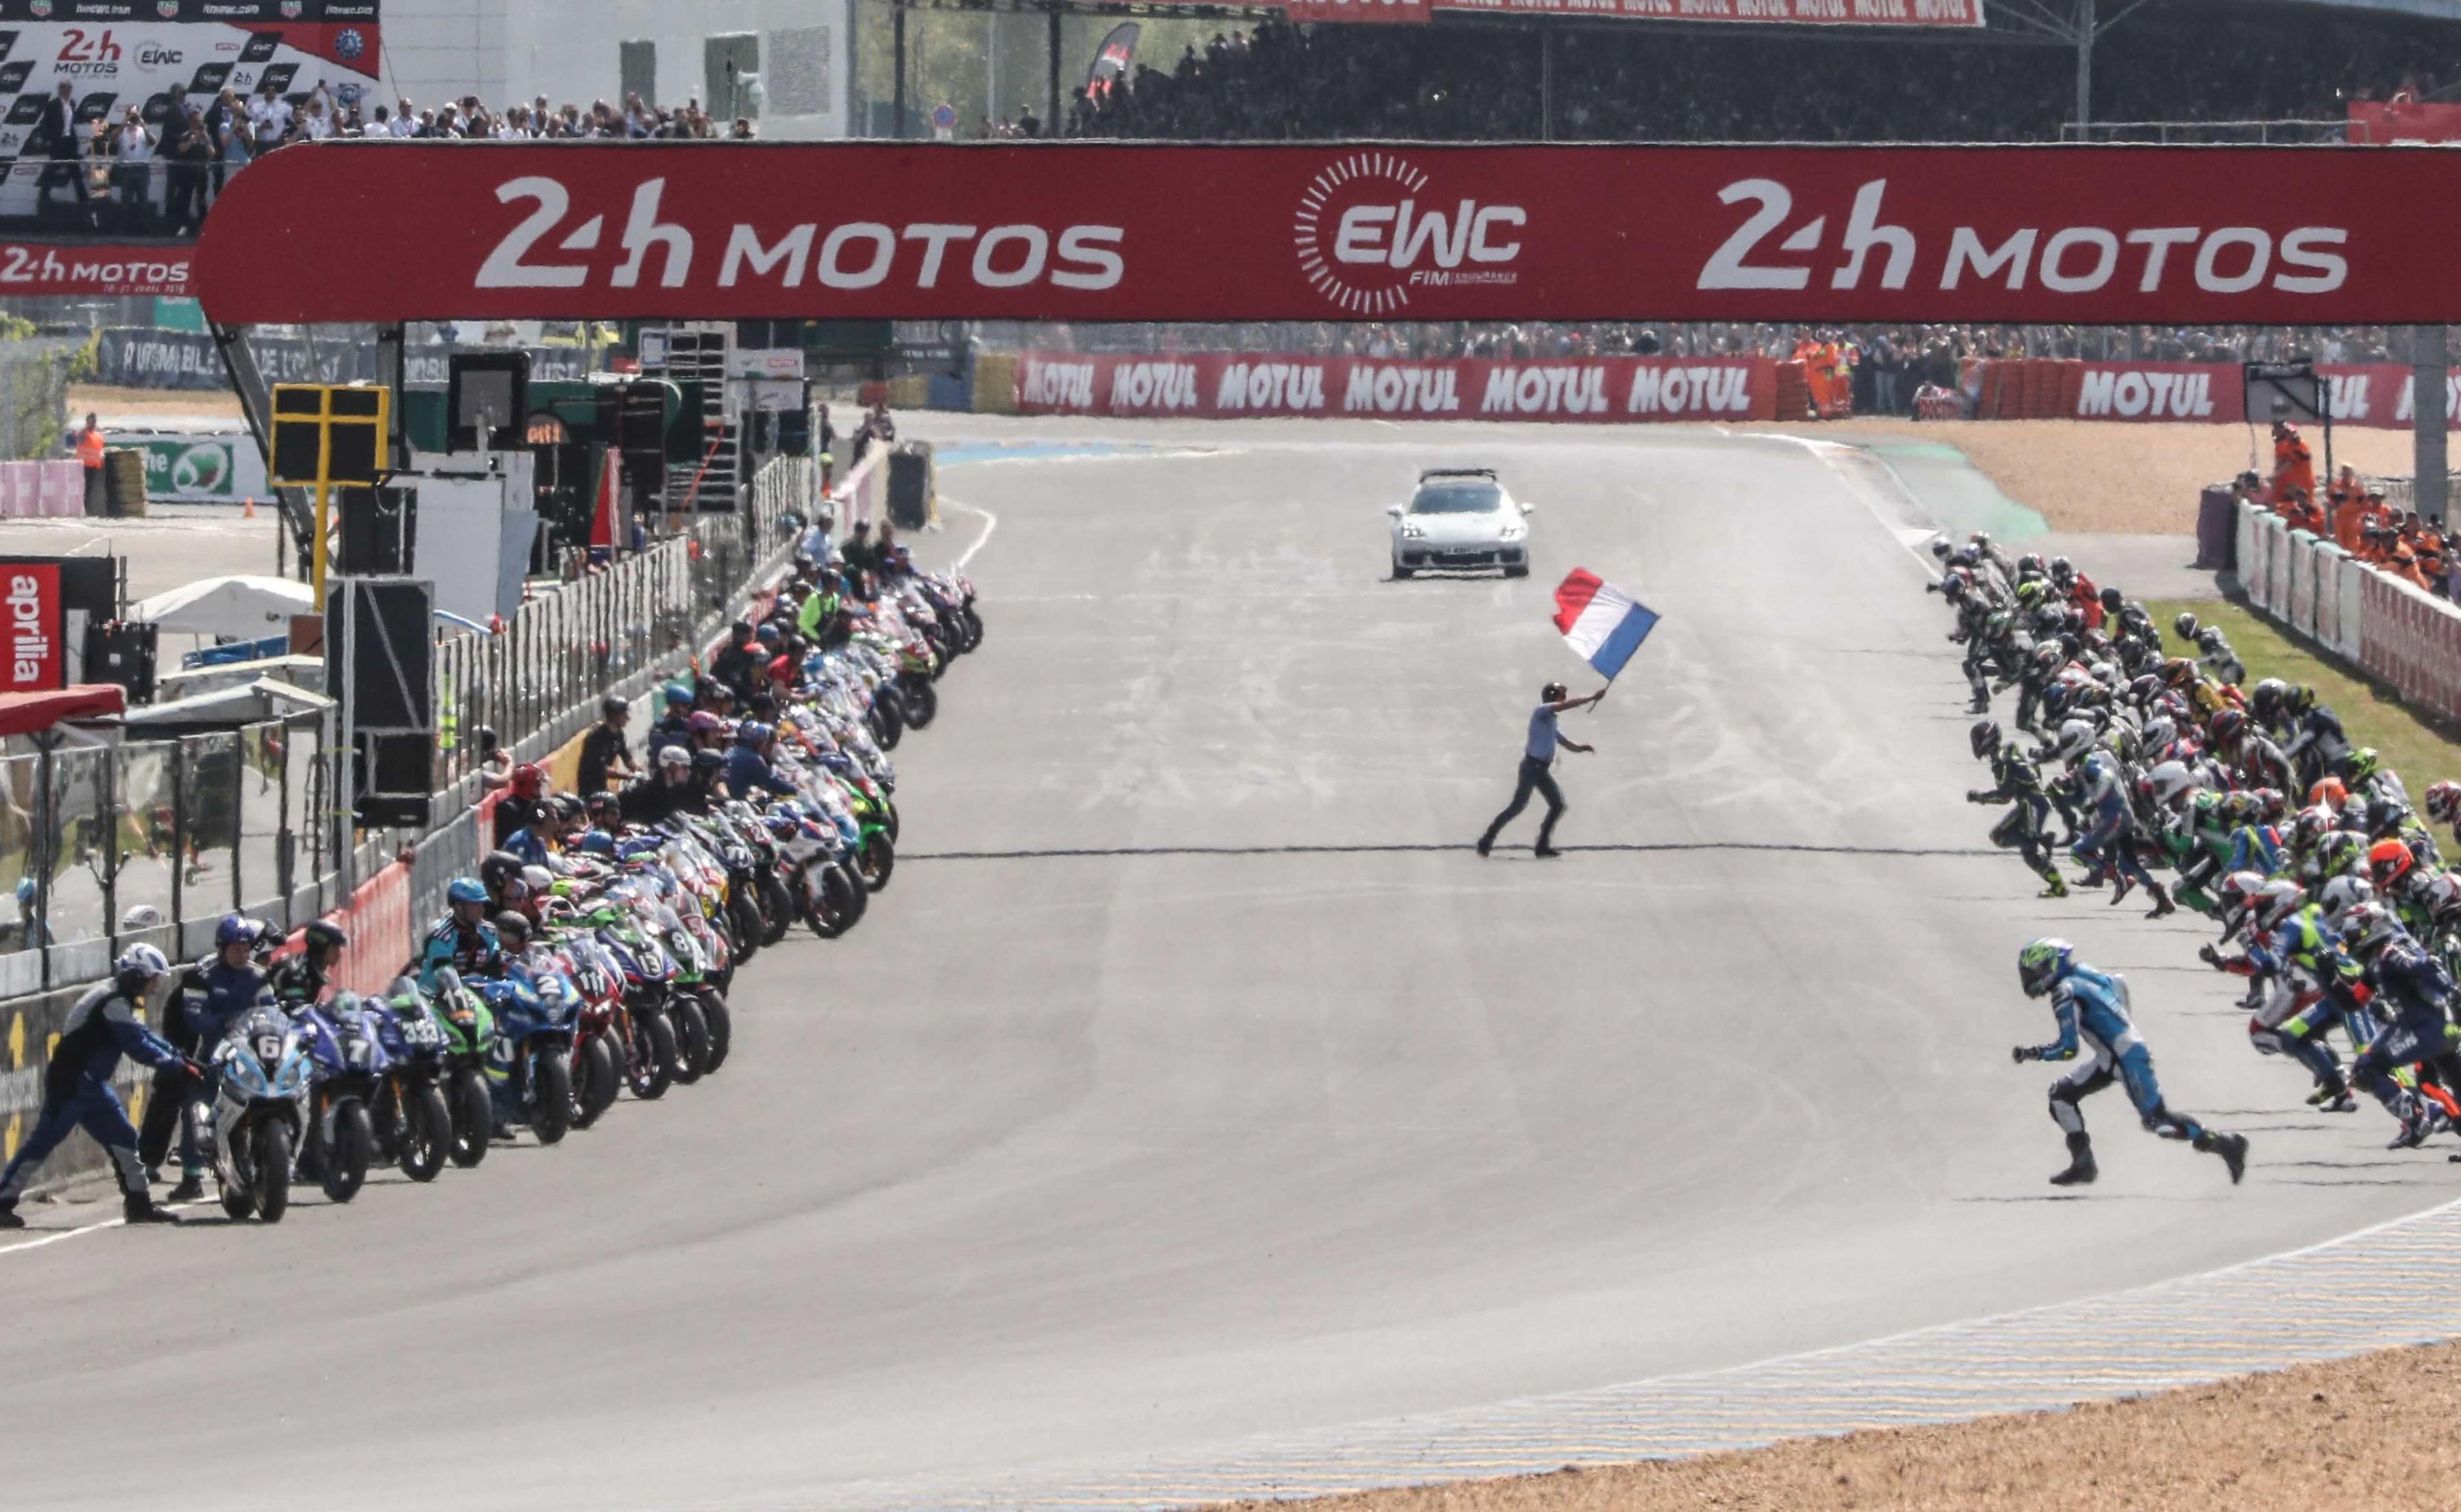 8月29日開催のル・マン24時間耐久ロードレース エントリーリストが公開